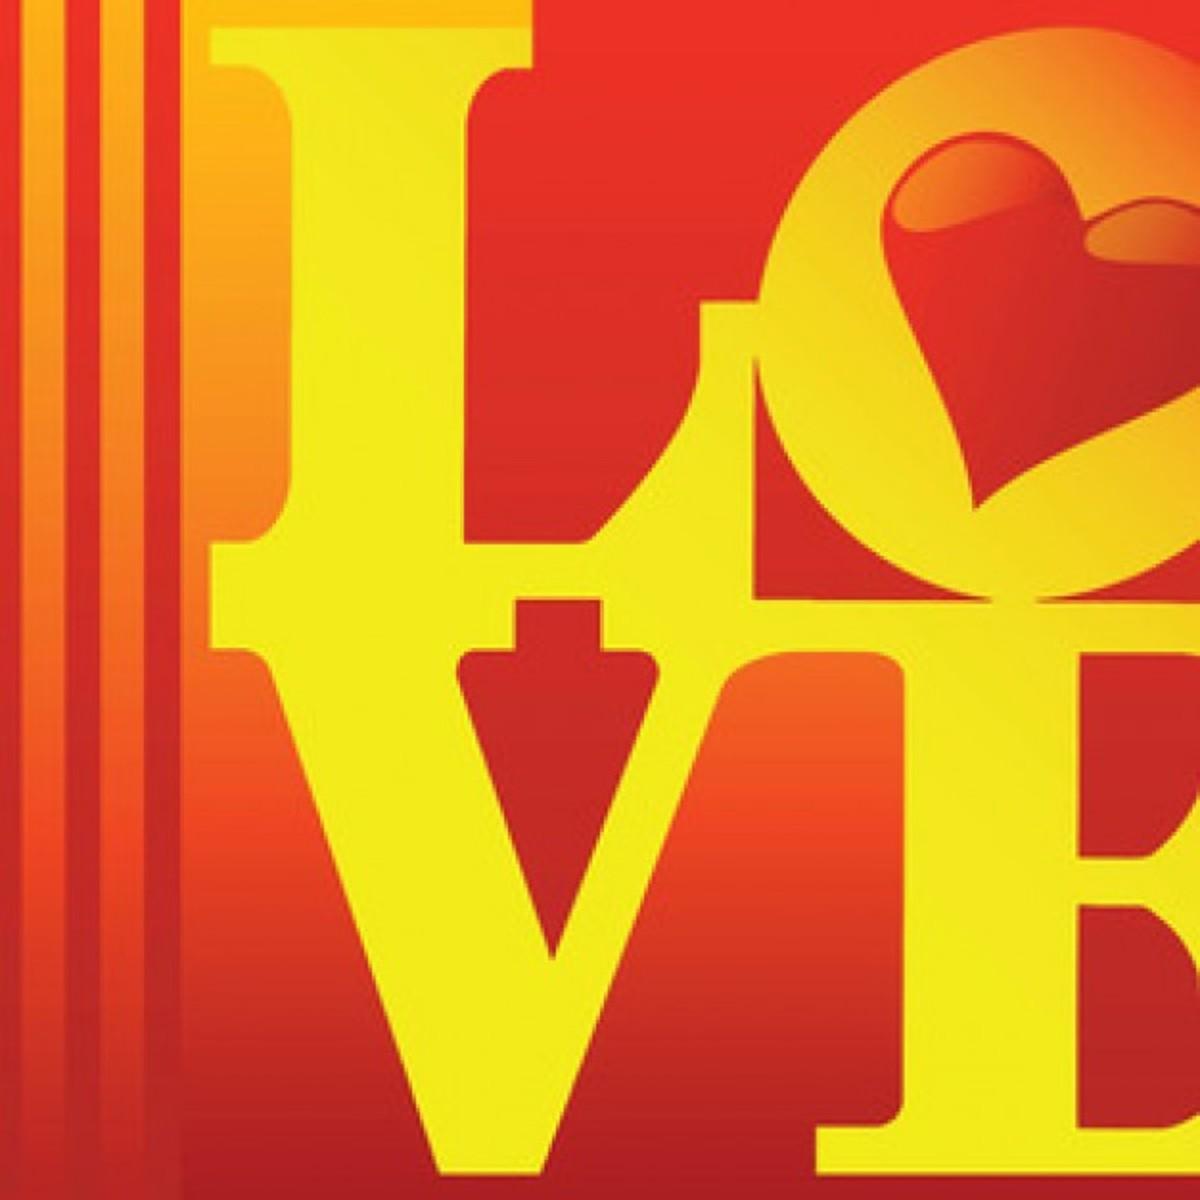 Love Heart Pop Art